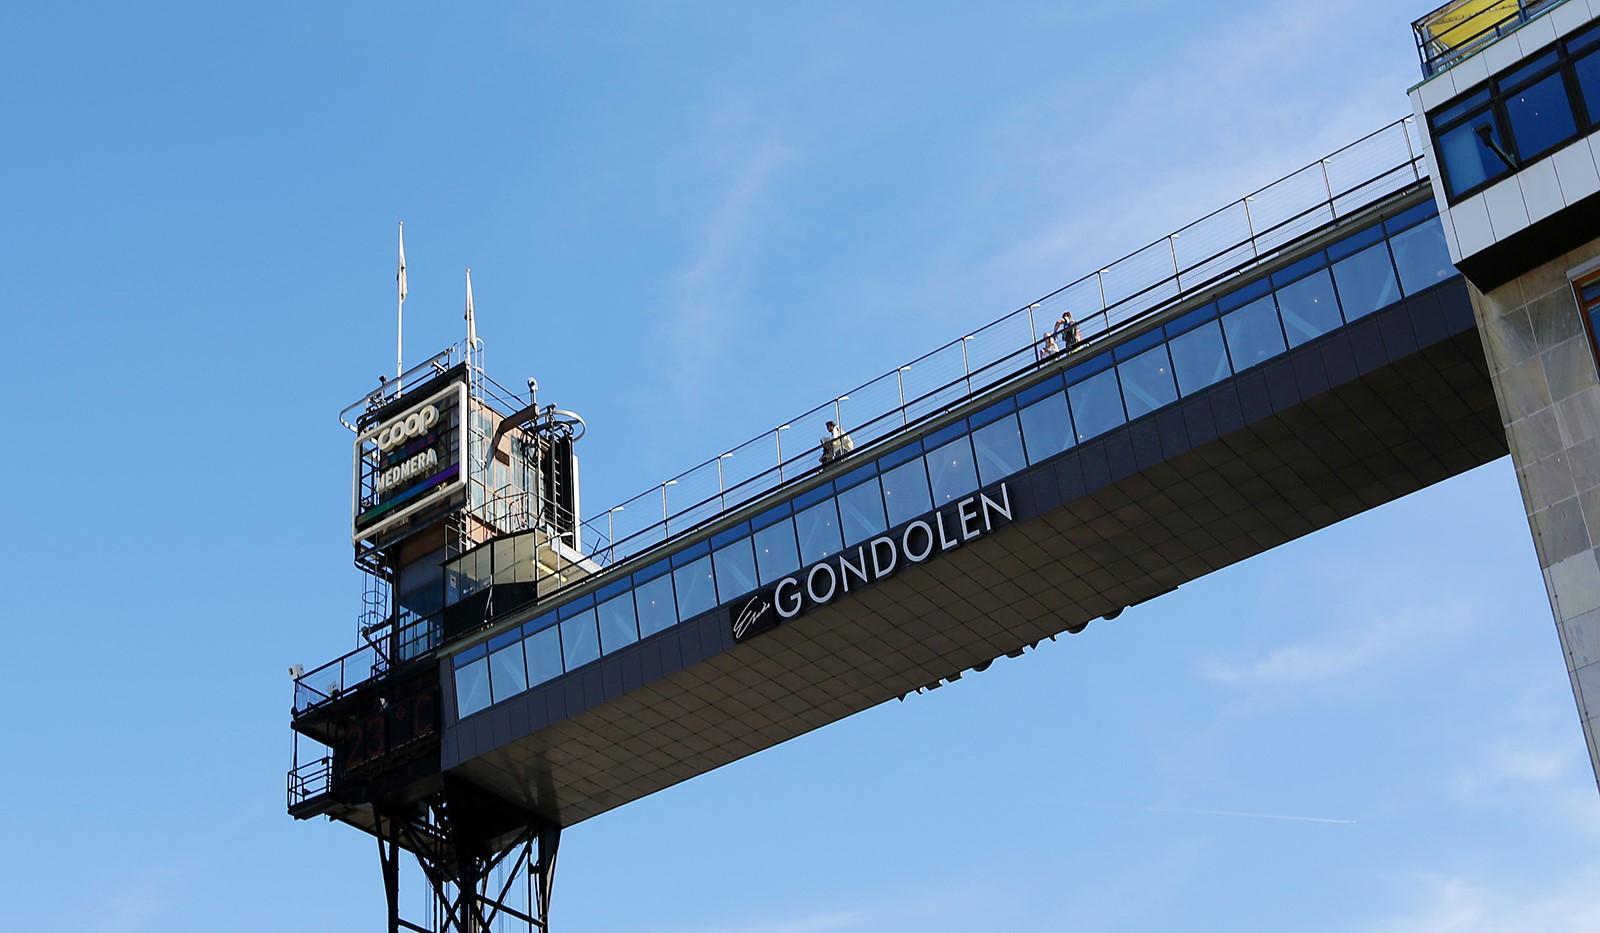 Götgatan 26 - Gondolen